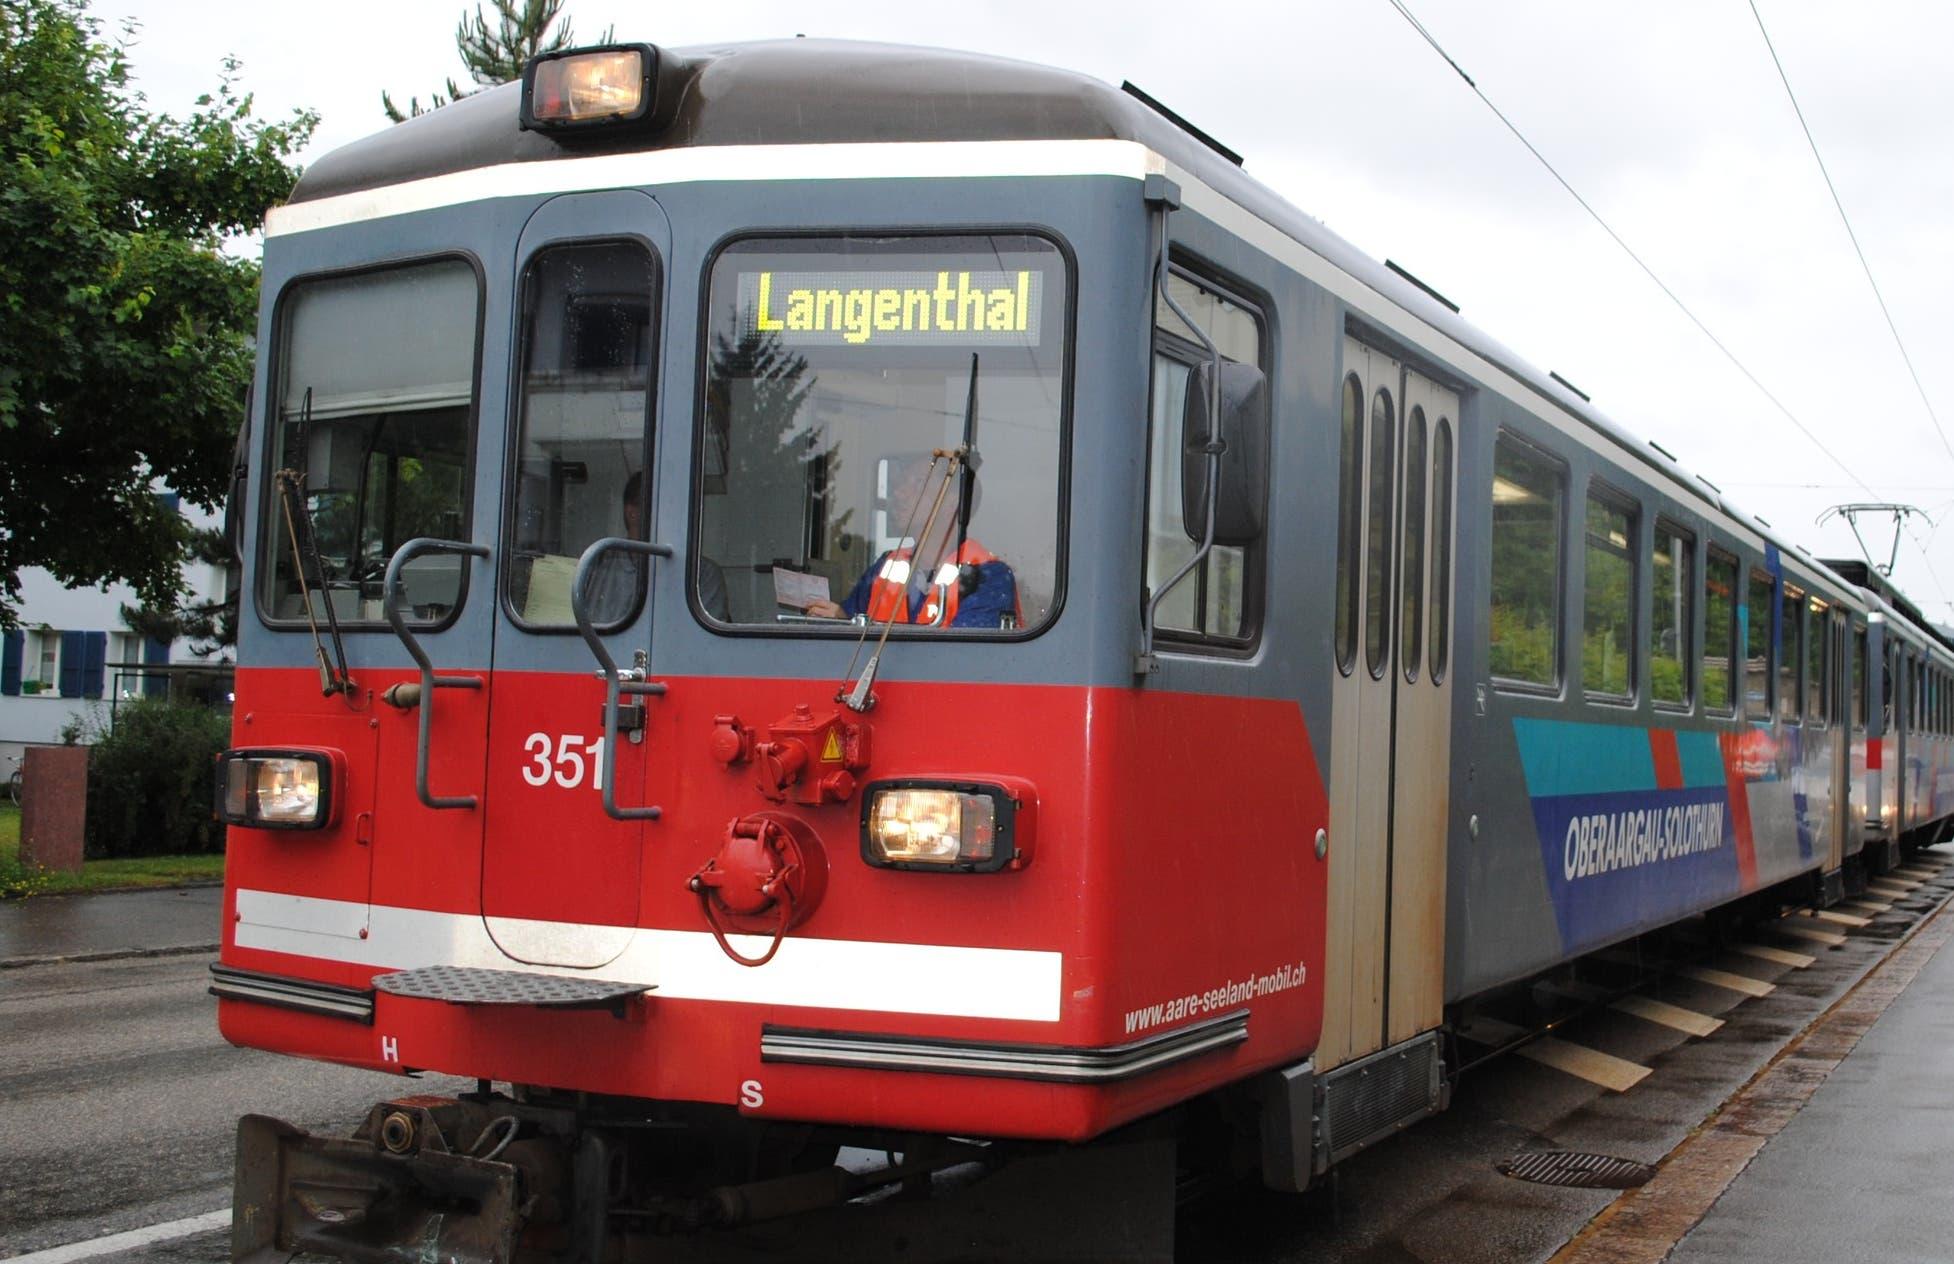 Juni 2011 Das Bipperlisi ist vom Hauptbahnhof in Richtung Riedholz unterwegs, als es beim Überqueren des Kreisverkehrs einen weissen Lieferwagen seitlich erfasst.